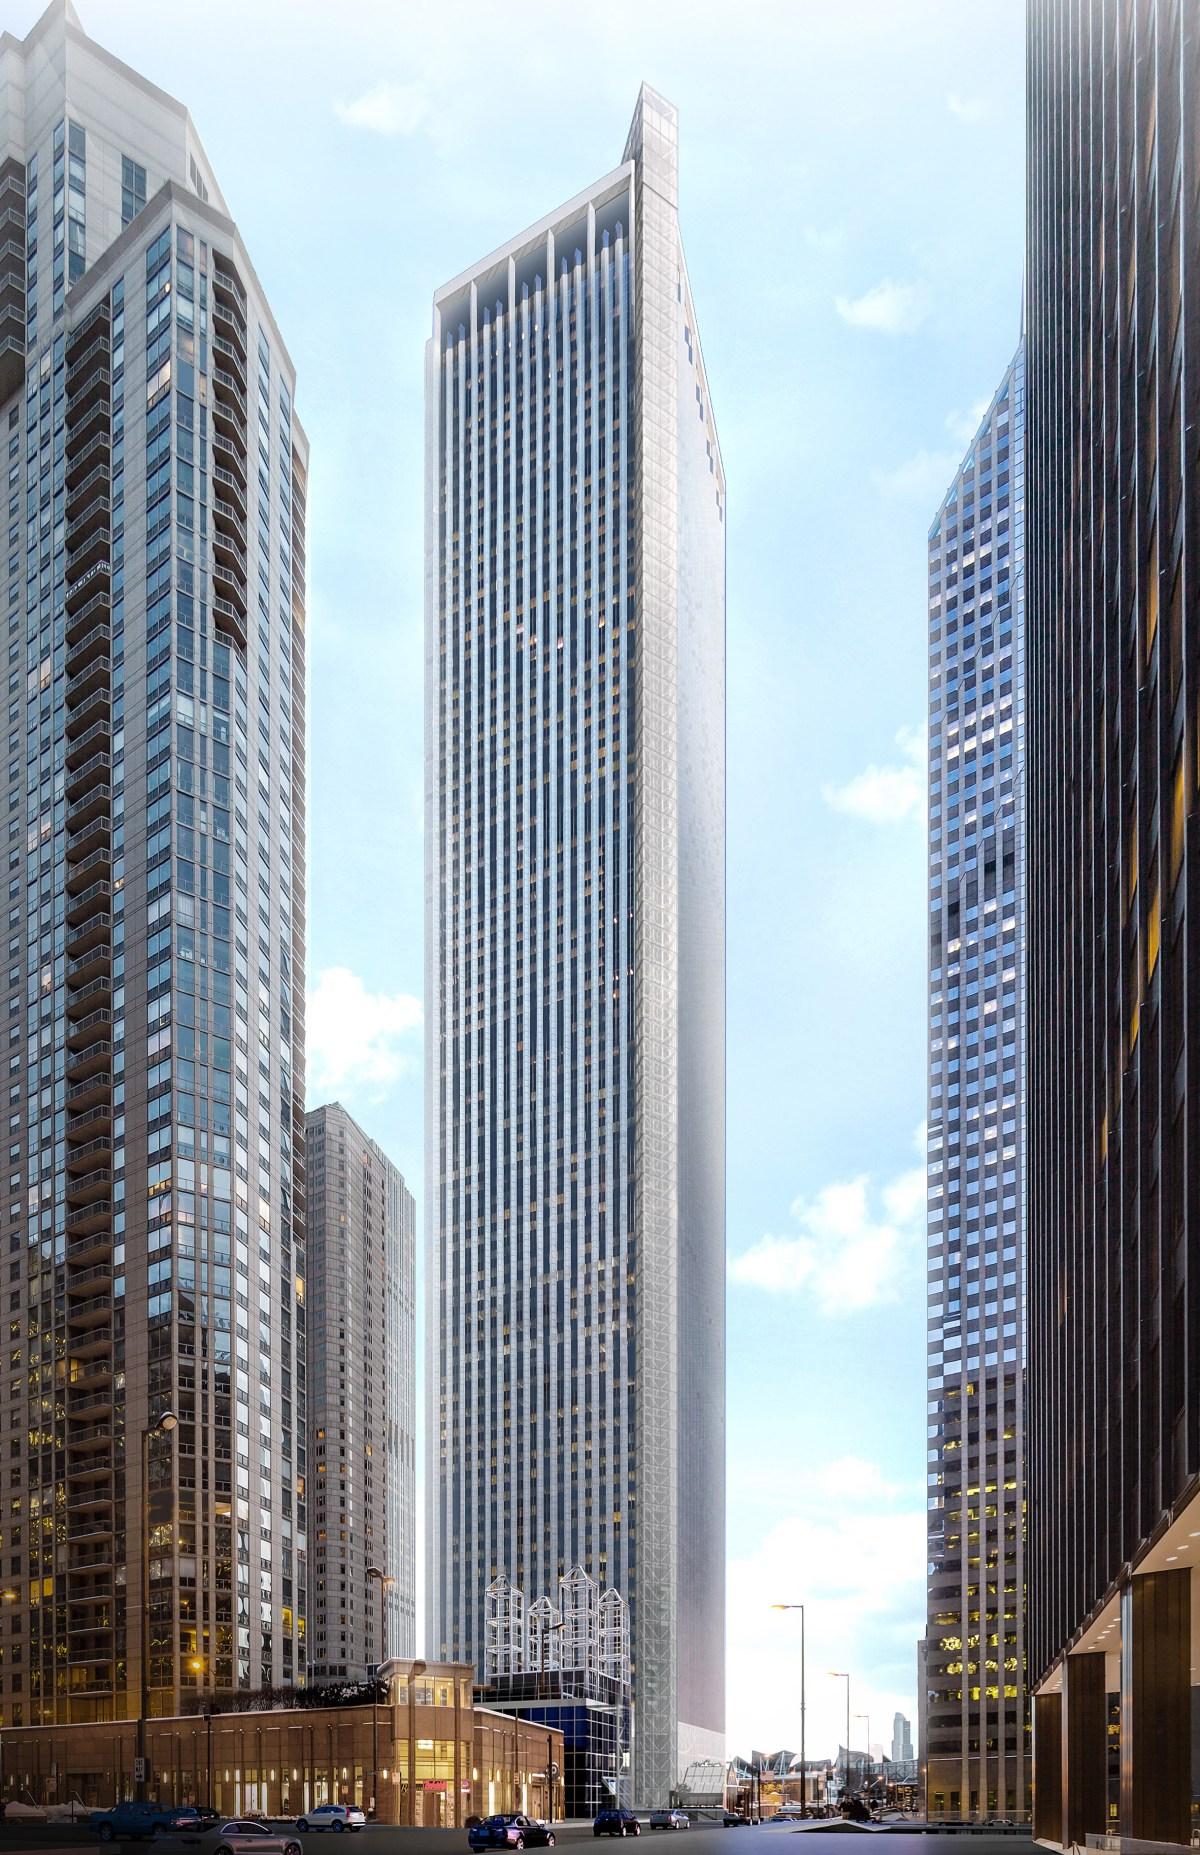 aon-center-solomon-cordwell-buenz-news-architecture-chicago4